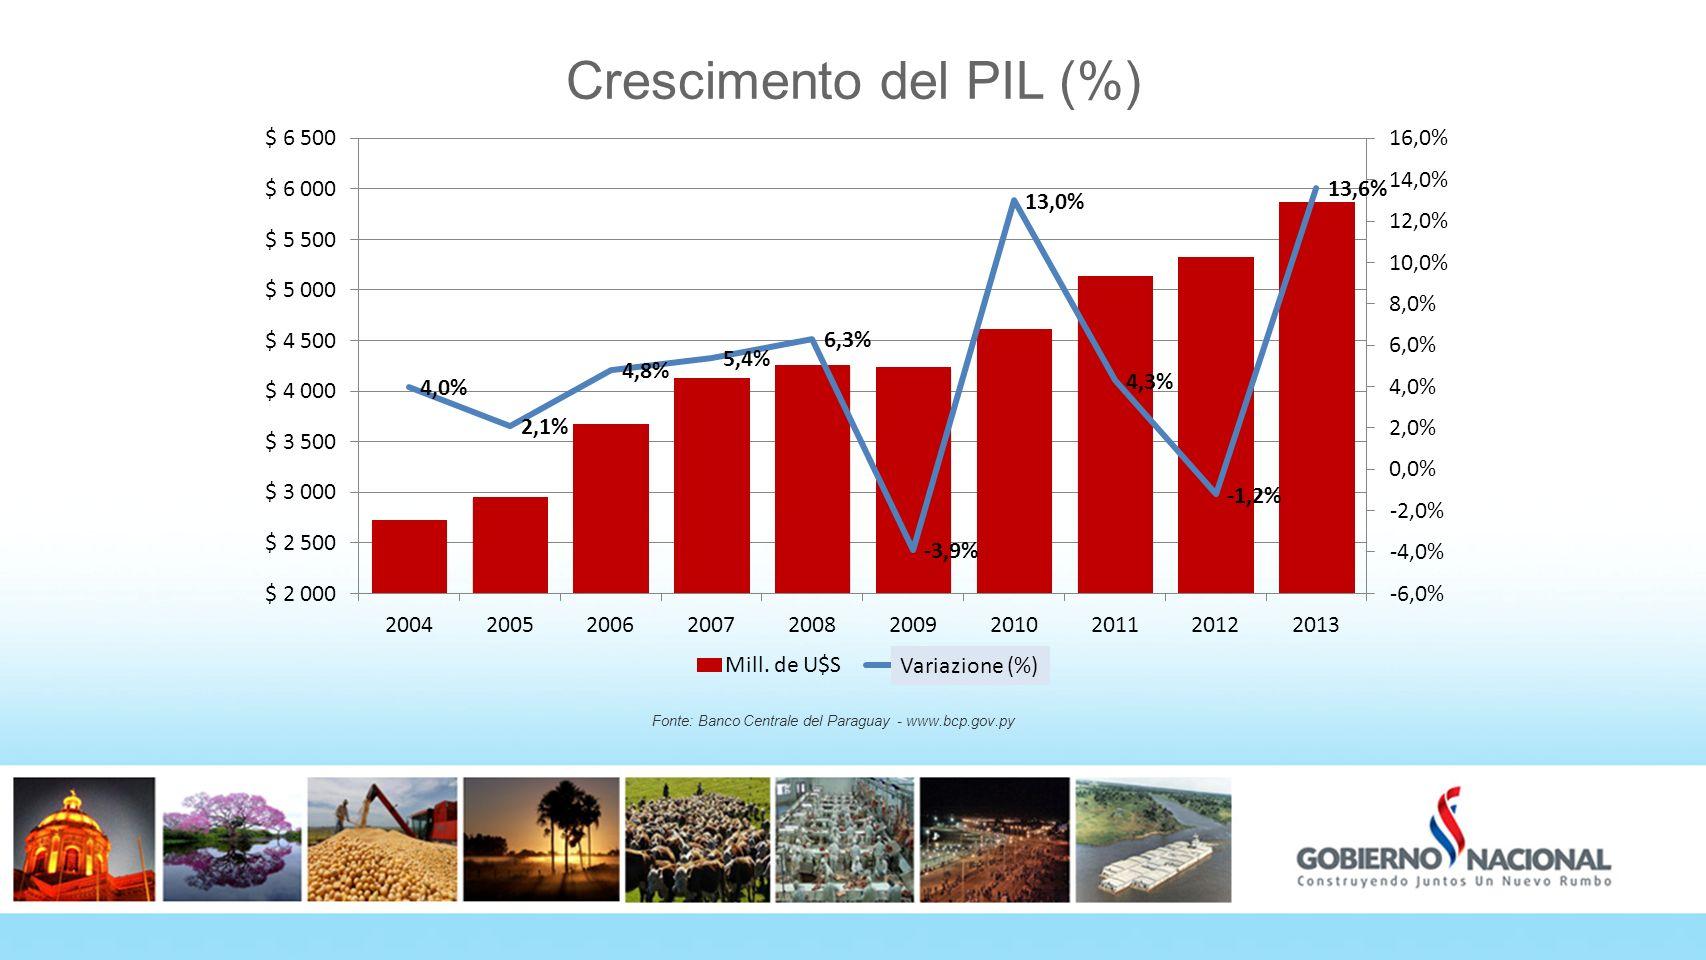 Crescimento del PIL (%)